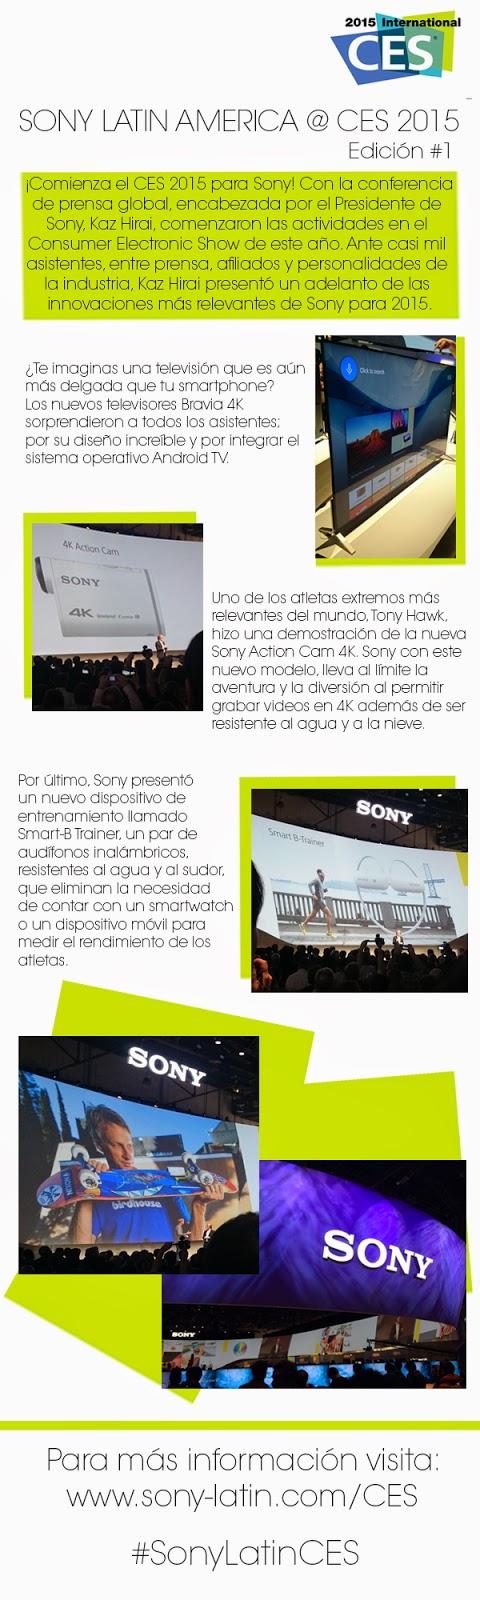 innovaciones-Sony-Corporation-CES-2015-Infografía